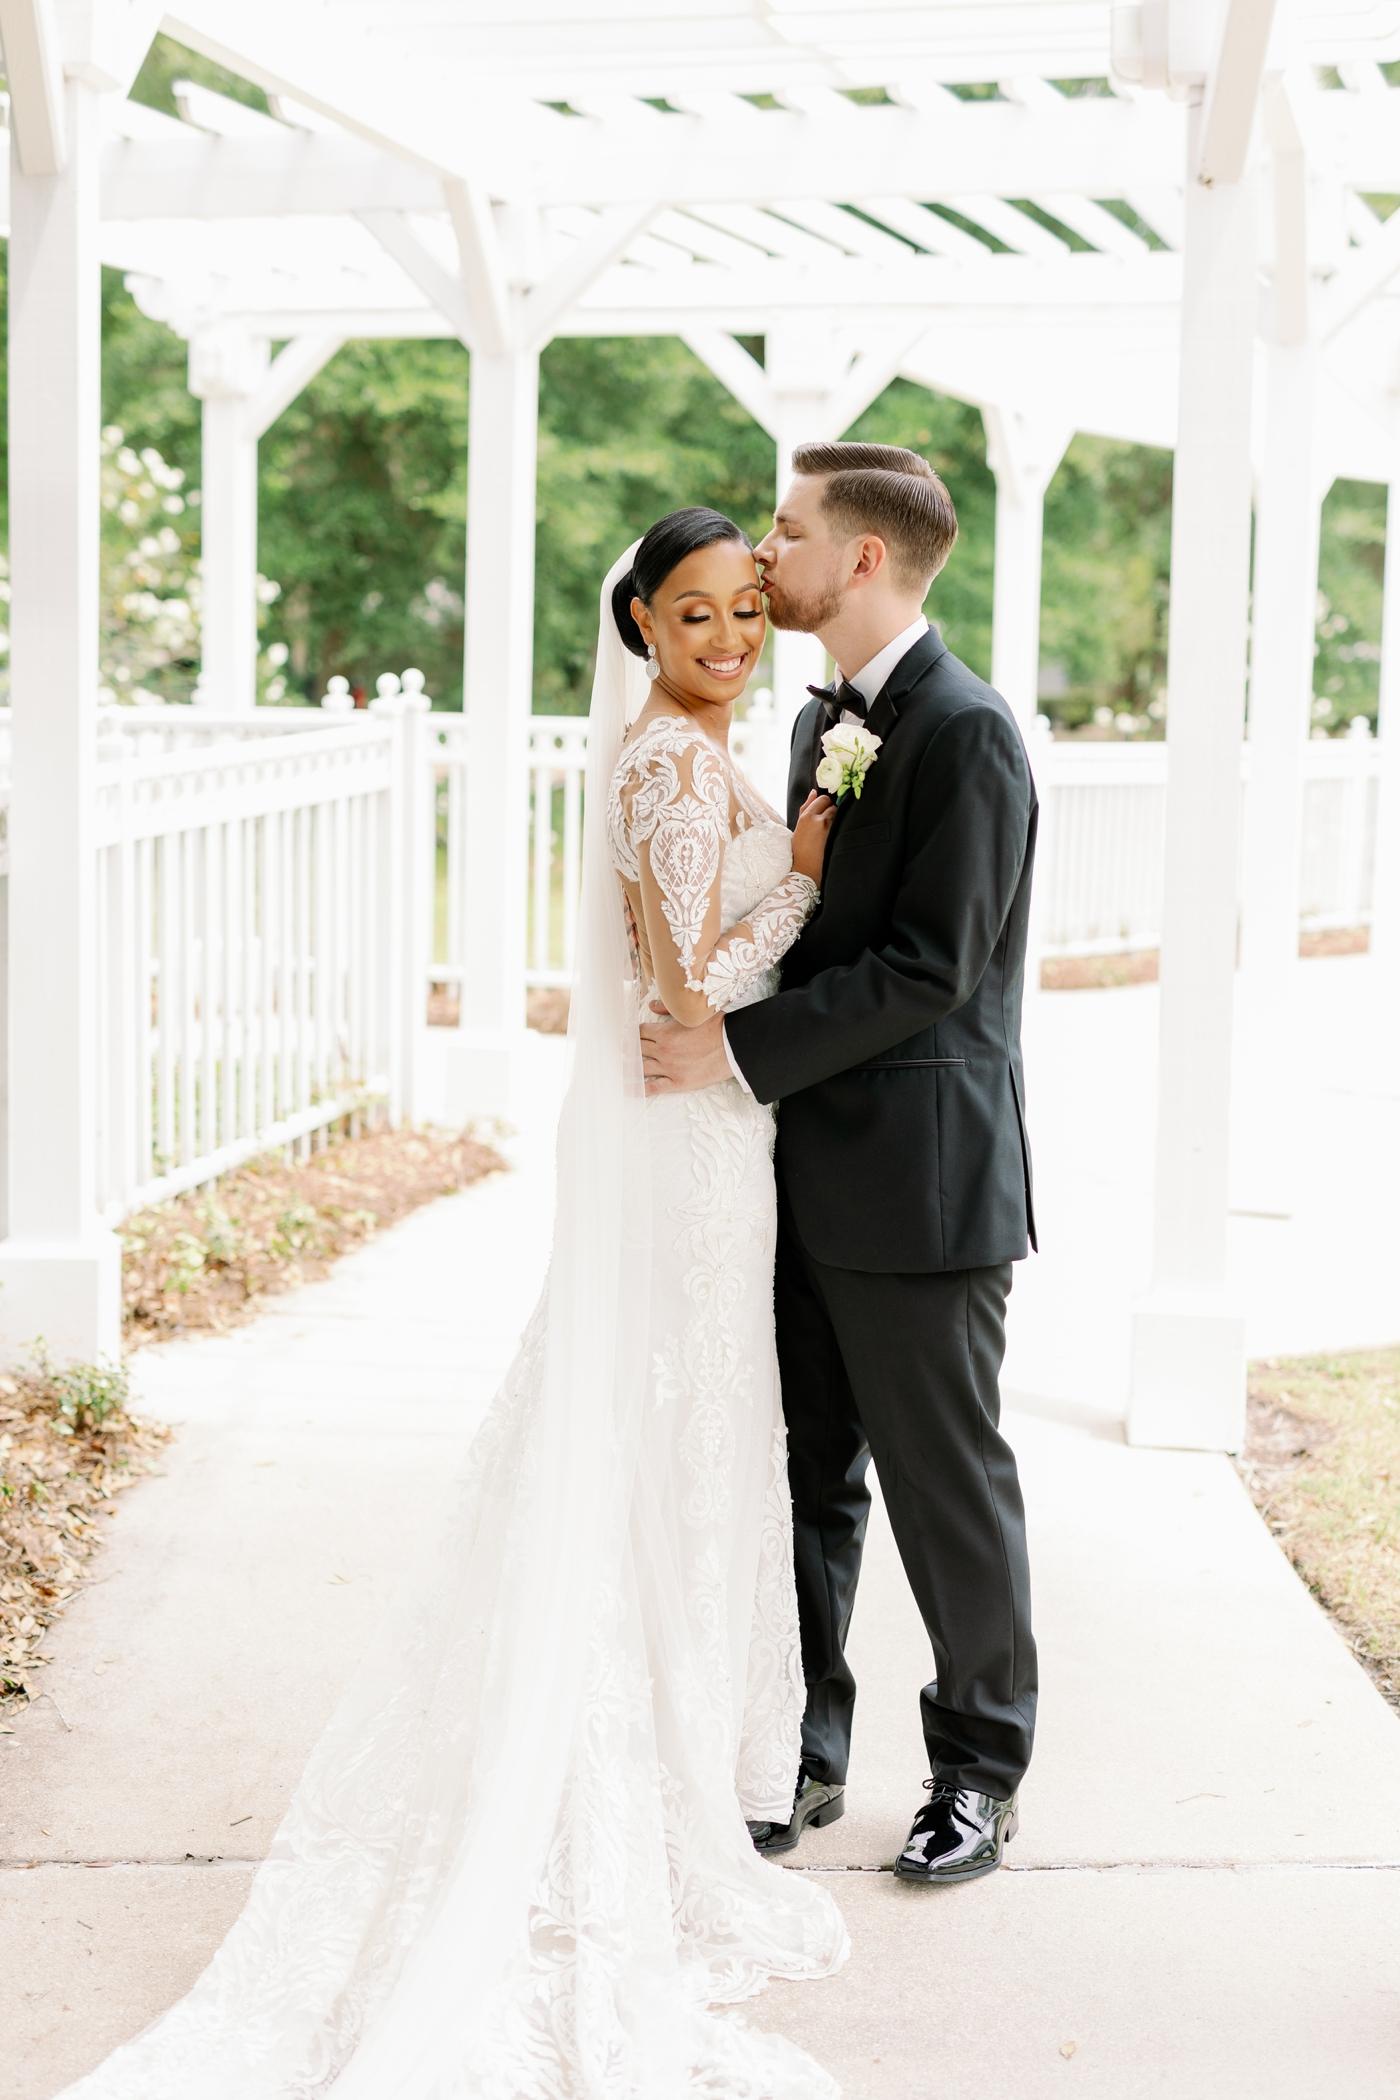 Lake Mary wedding photography